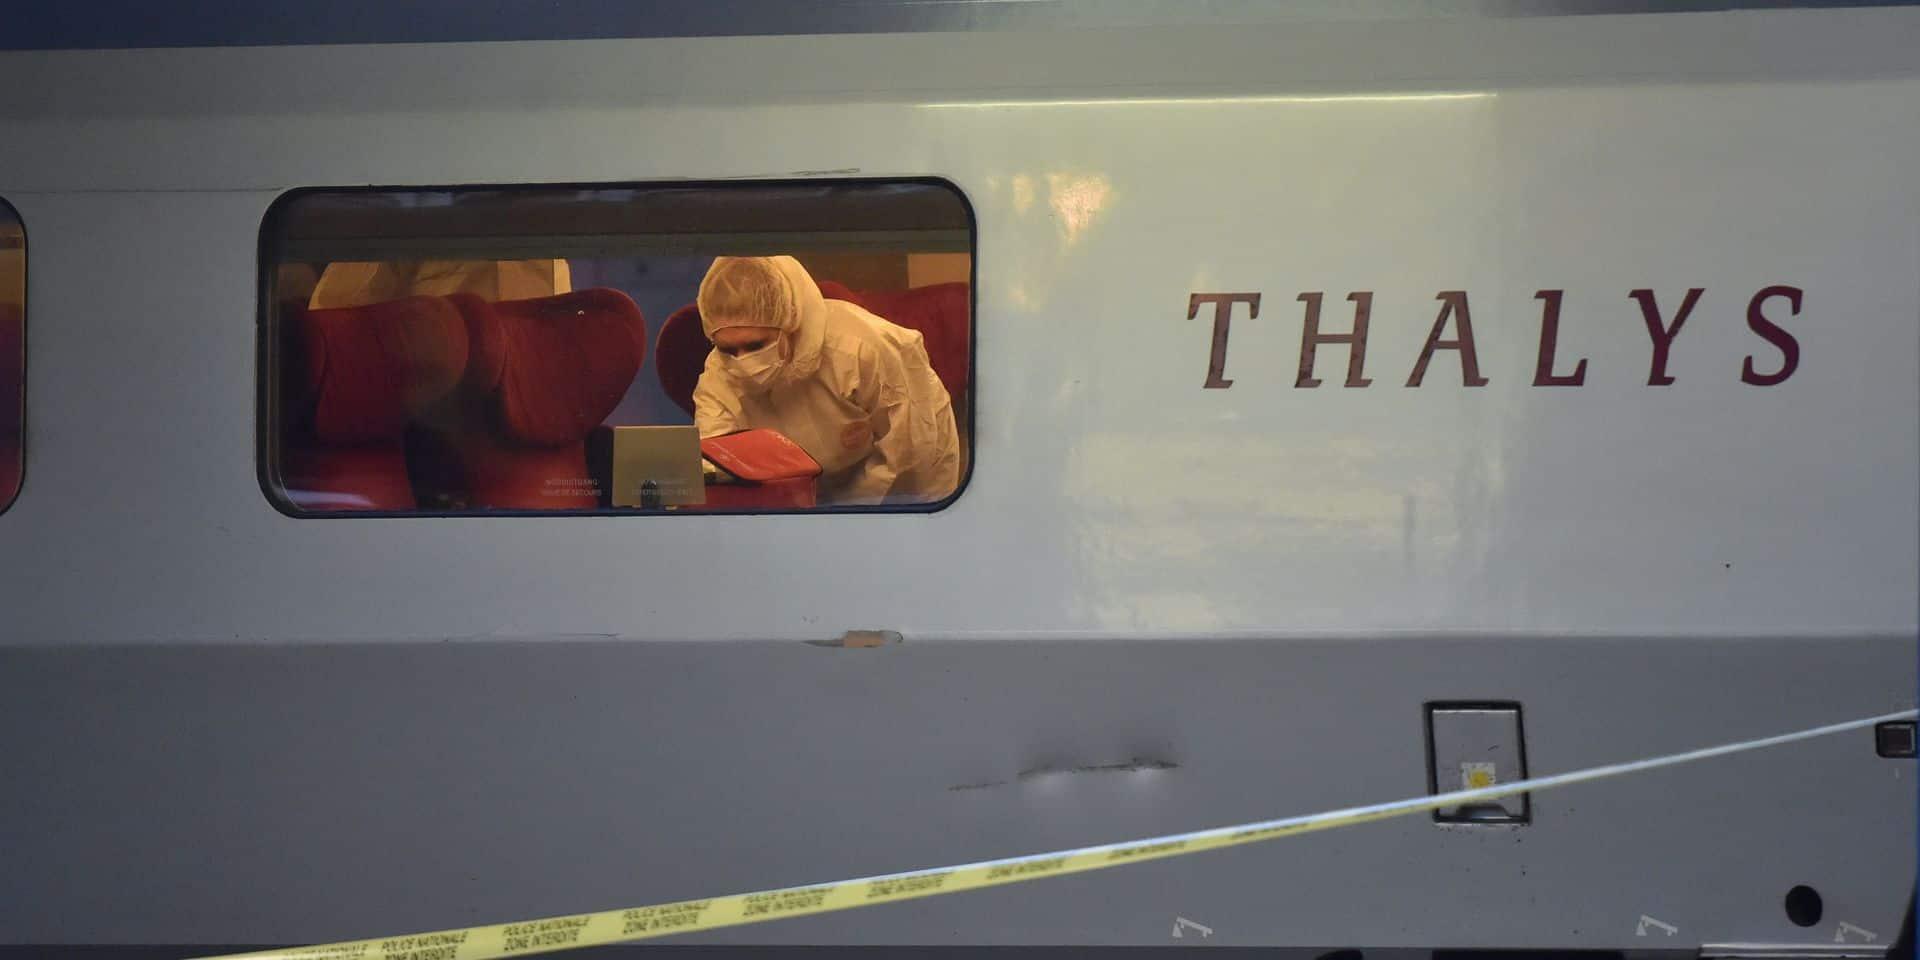 Procès de l'attentat du Thalys: un Belge sur le banc des accusés, Clint Eastwood à la barre?